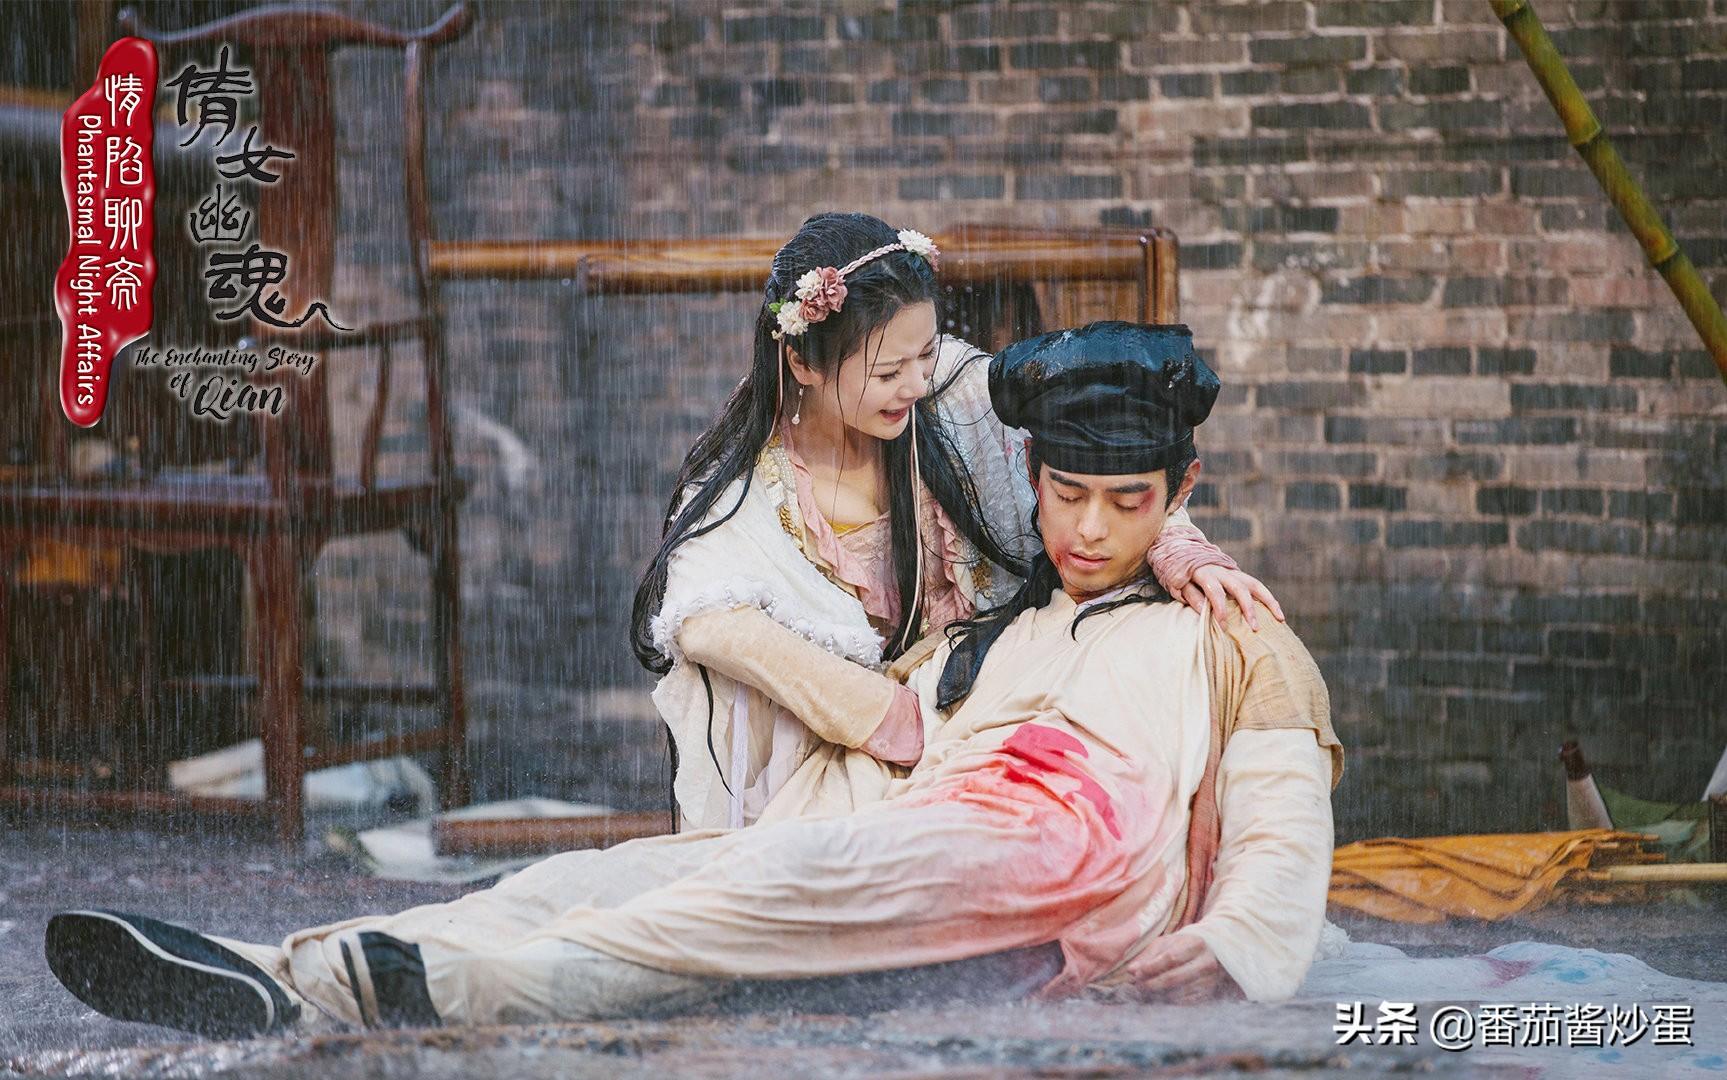 王晶版《倩女幽魂》定档,男主何浩文,张国荣原声版引回忆杀